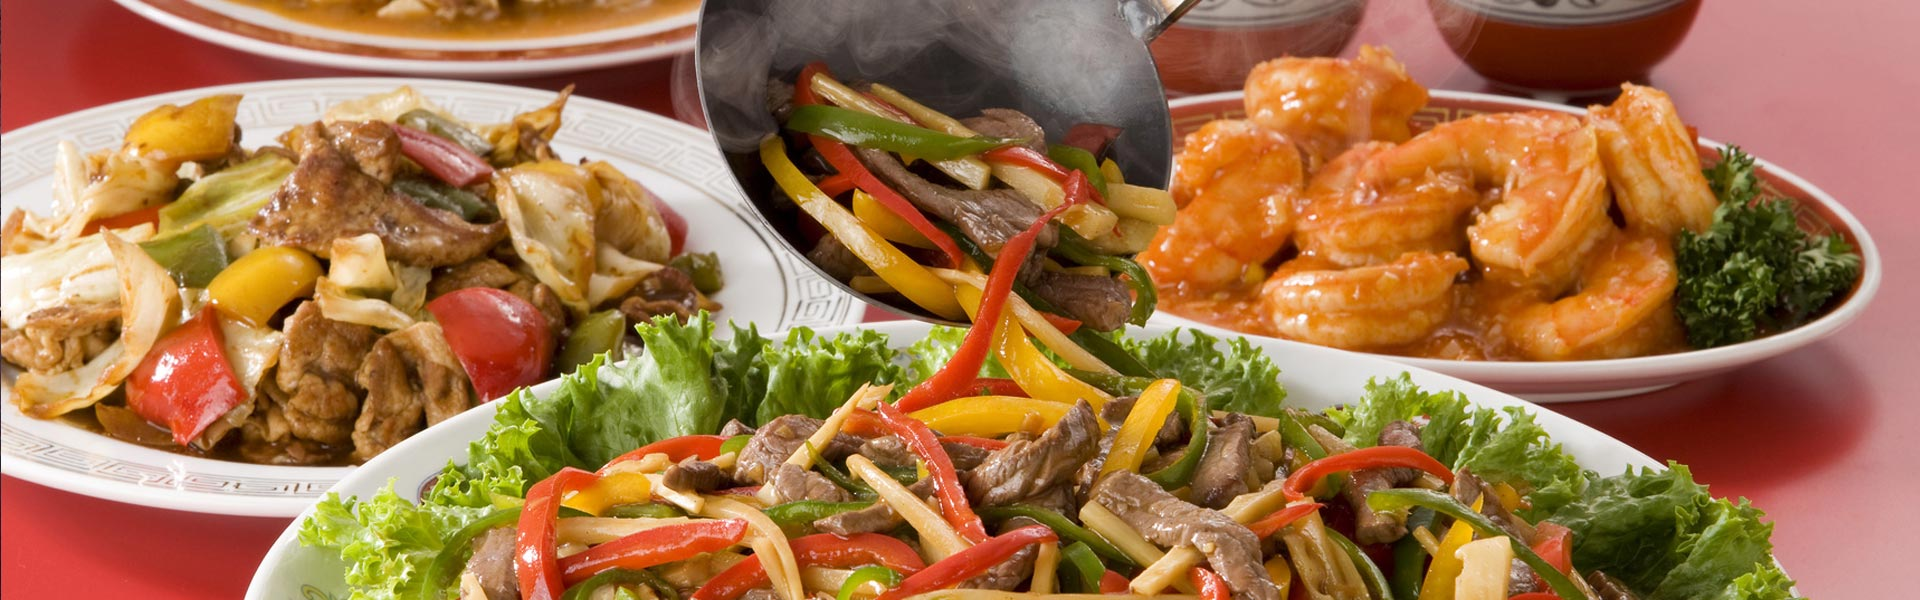 Chinese and Vietnamese Food Corpus Christi   Bamboo Garden Restaurant